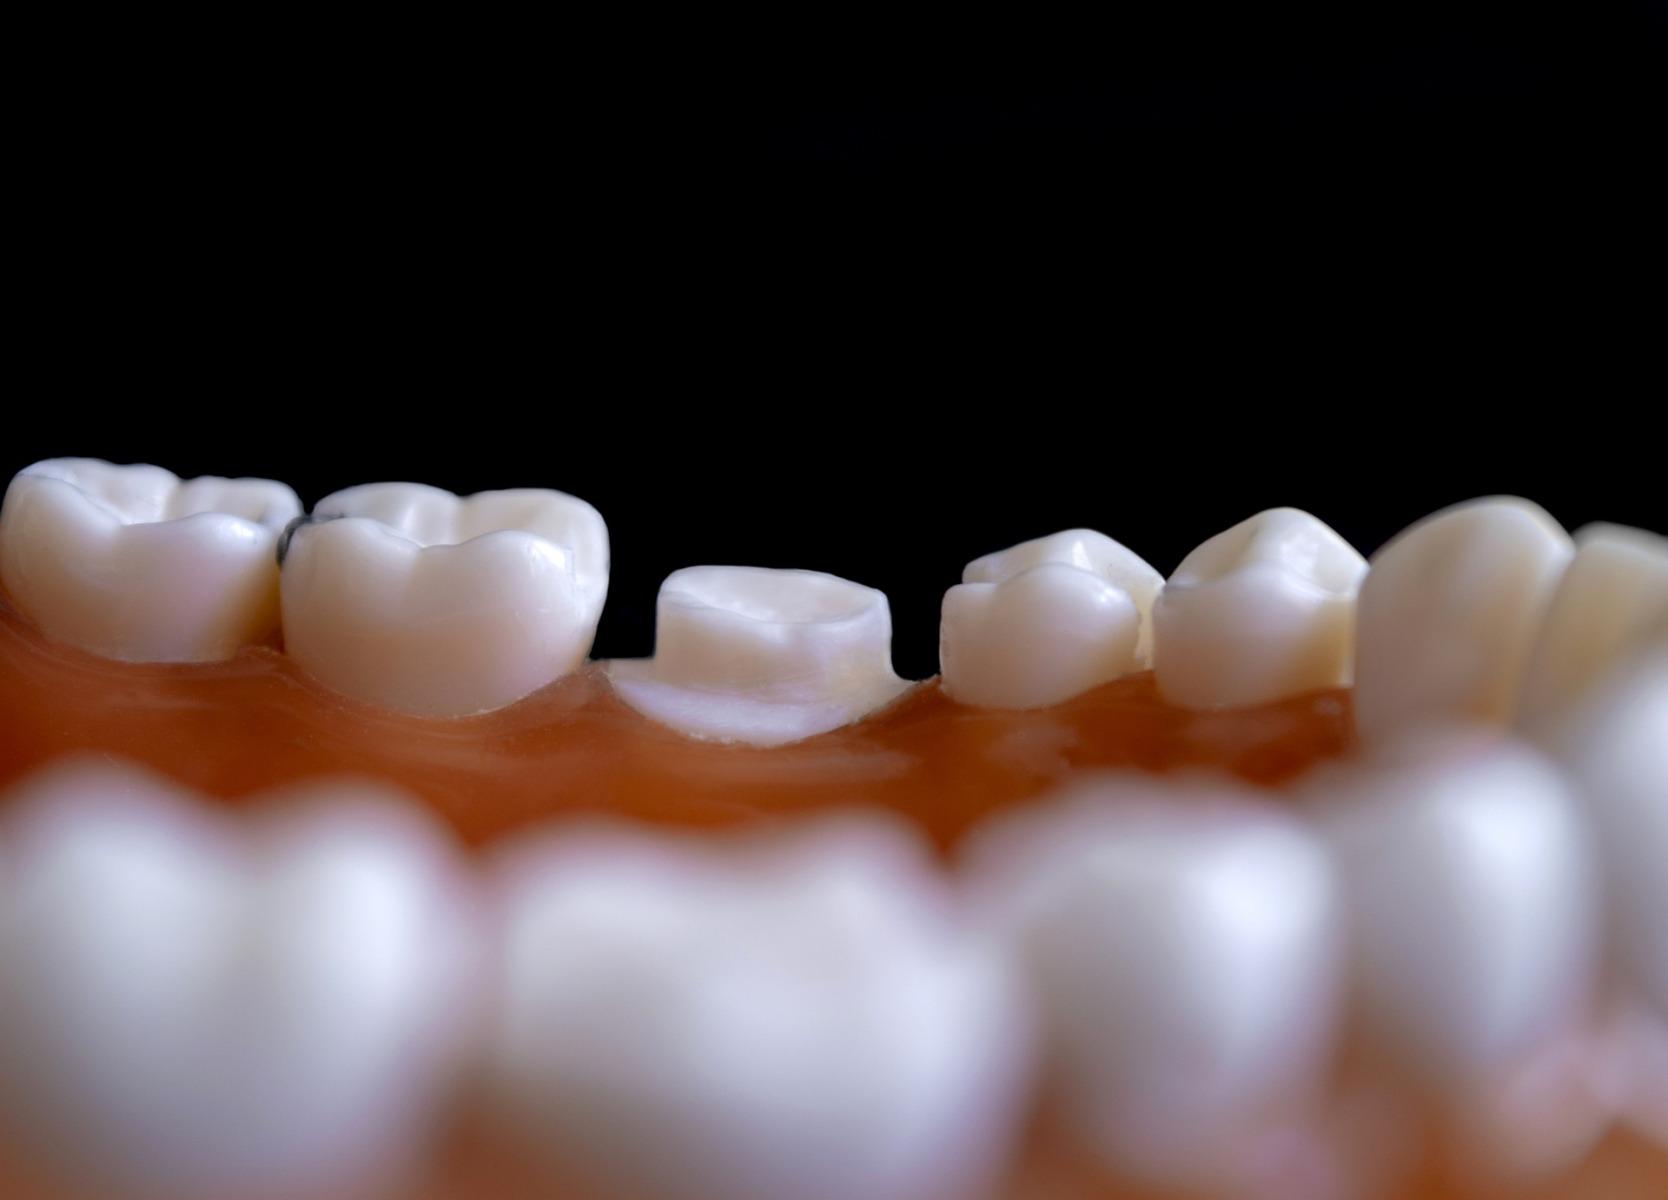 dentistry-4472925_1920